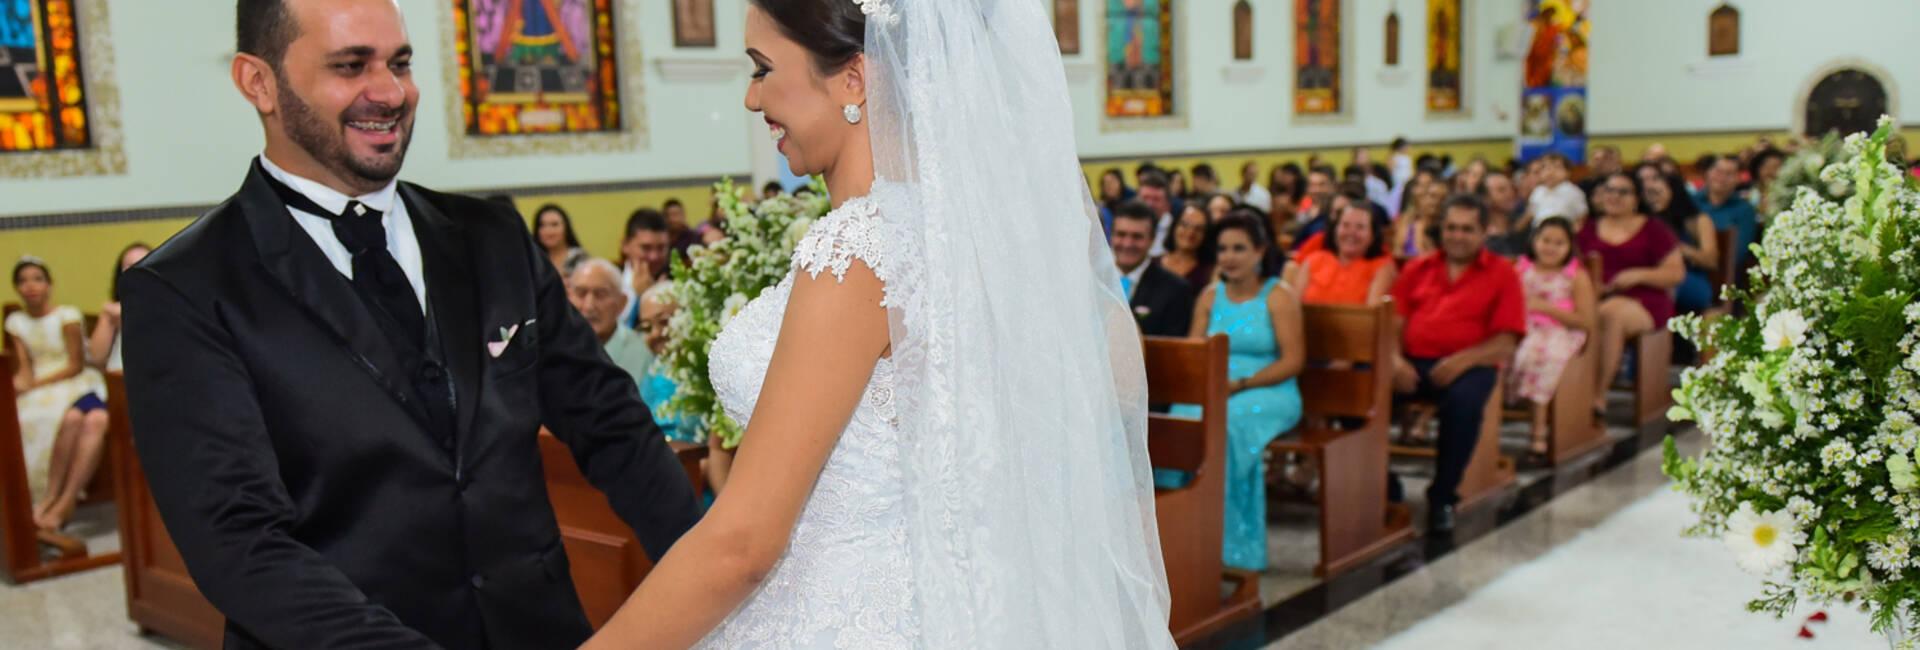 Casamento de Rosangela e Geovane